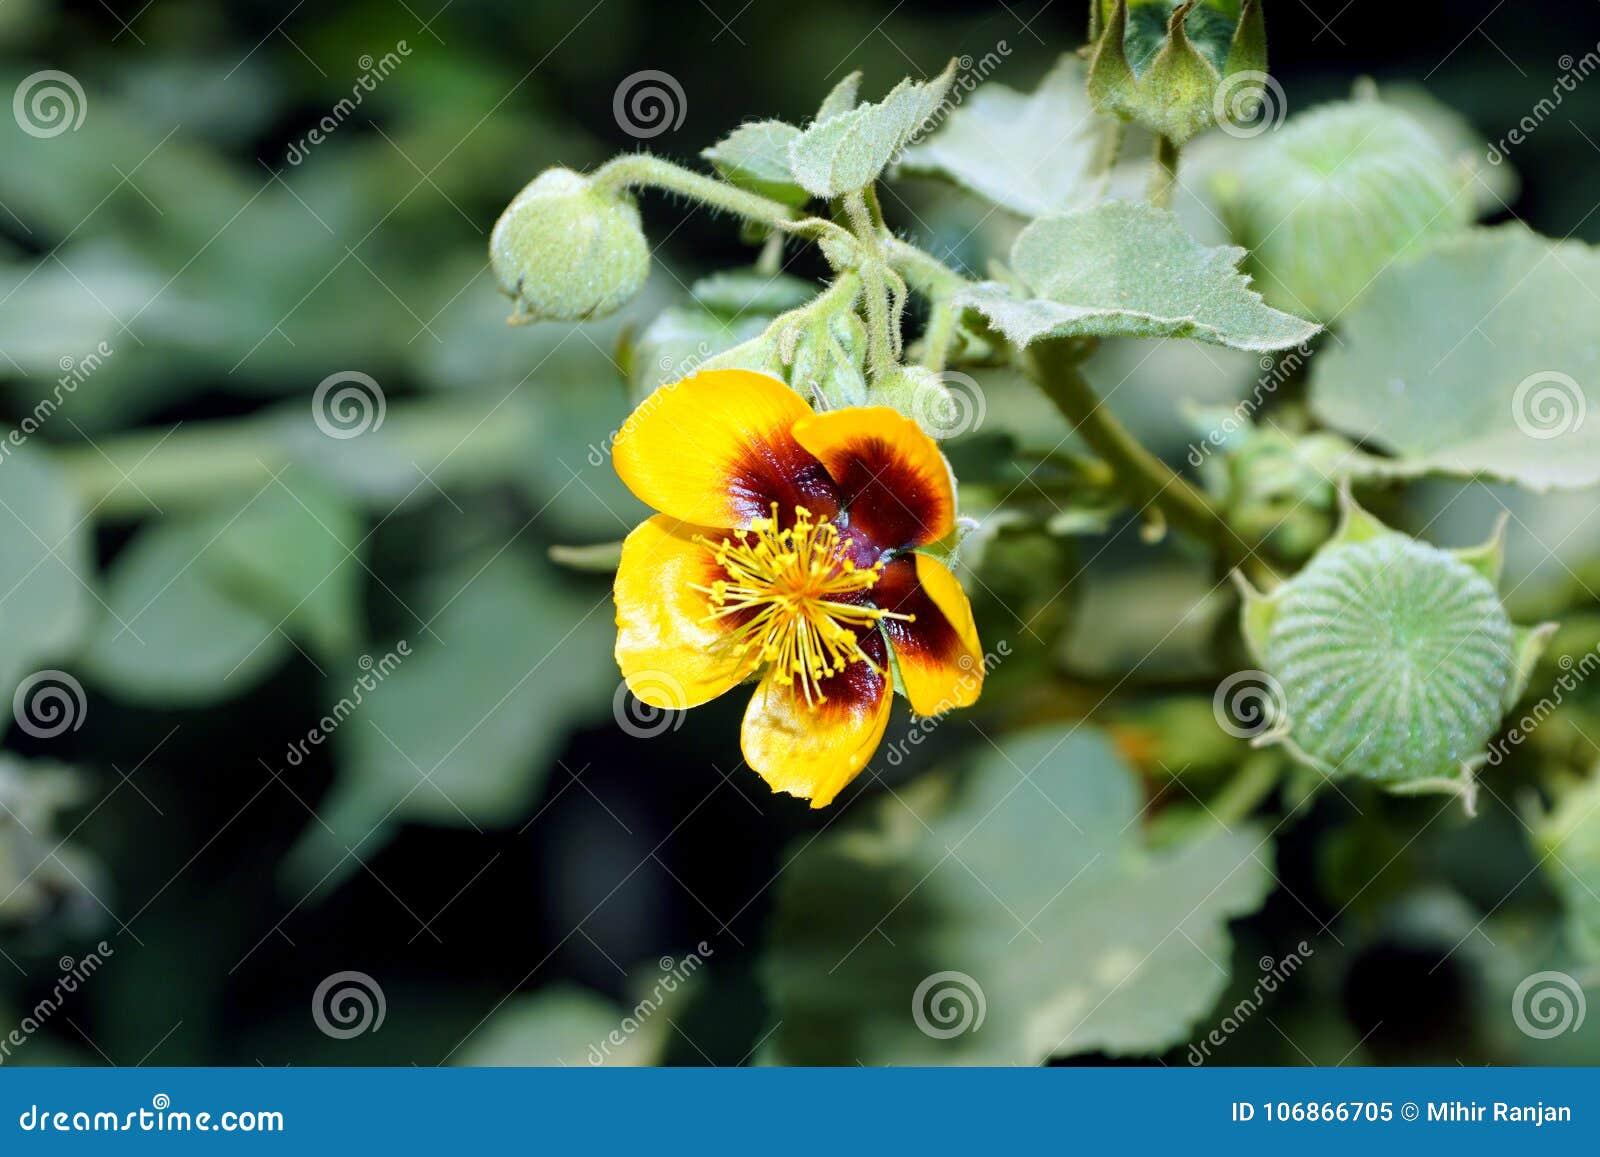 Fiori Con La S.Un Fiore Giallo Della Malva Indiana Del S Di Palmer Con I